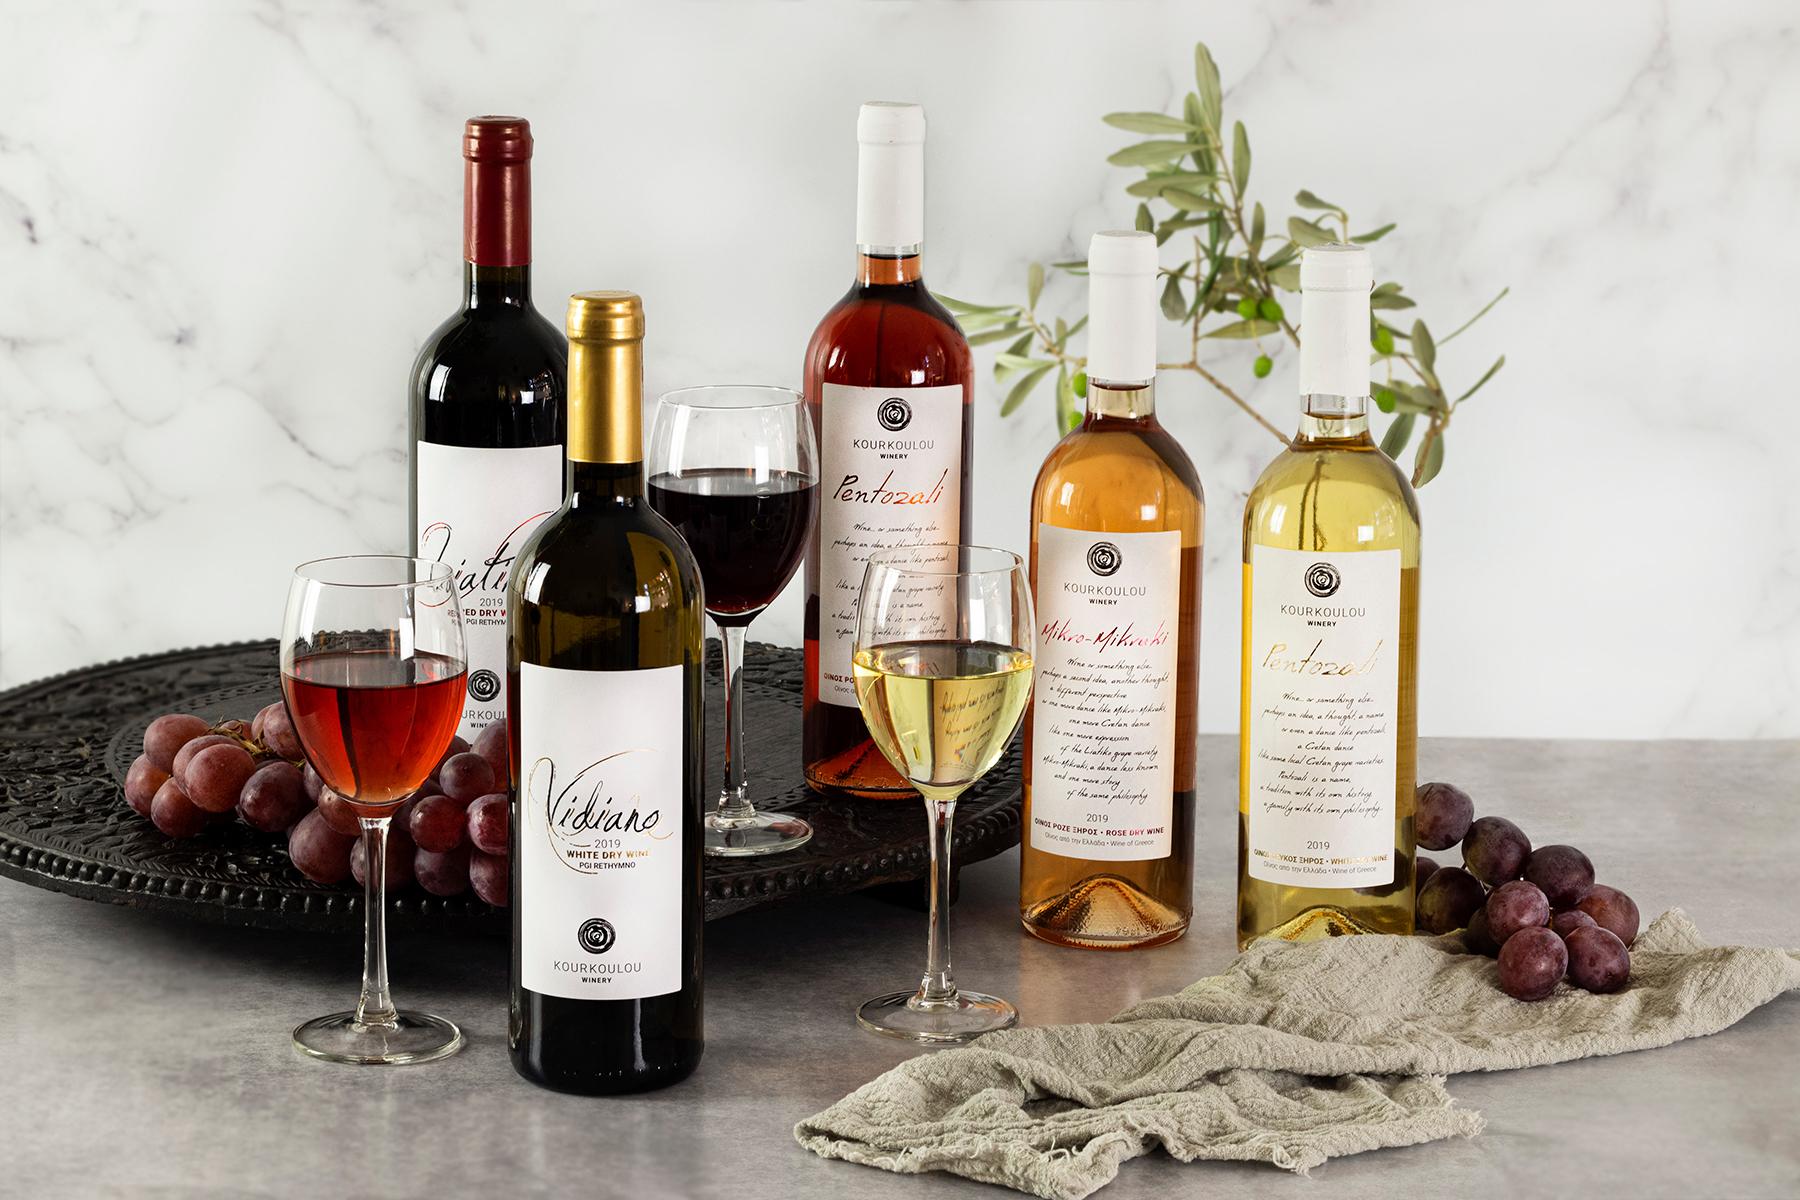 Prachtige wijnen van Kreta van het wijnhuis Kourkoulou uit Amari